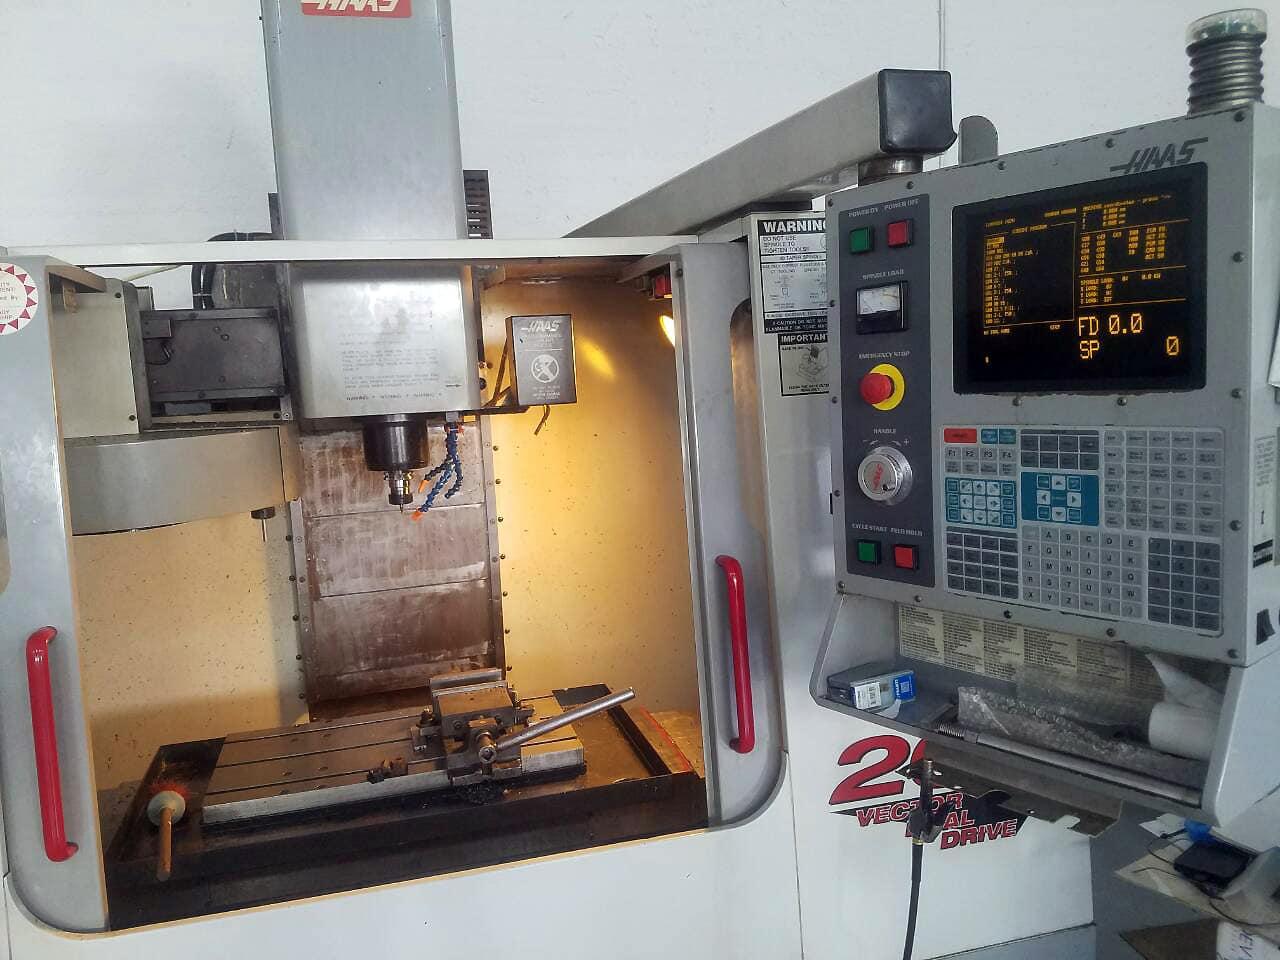 Εξοπλισμός μηχανουργείου